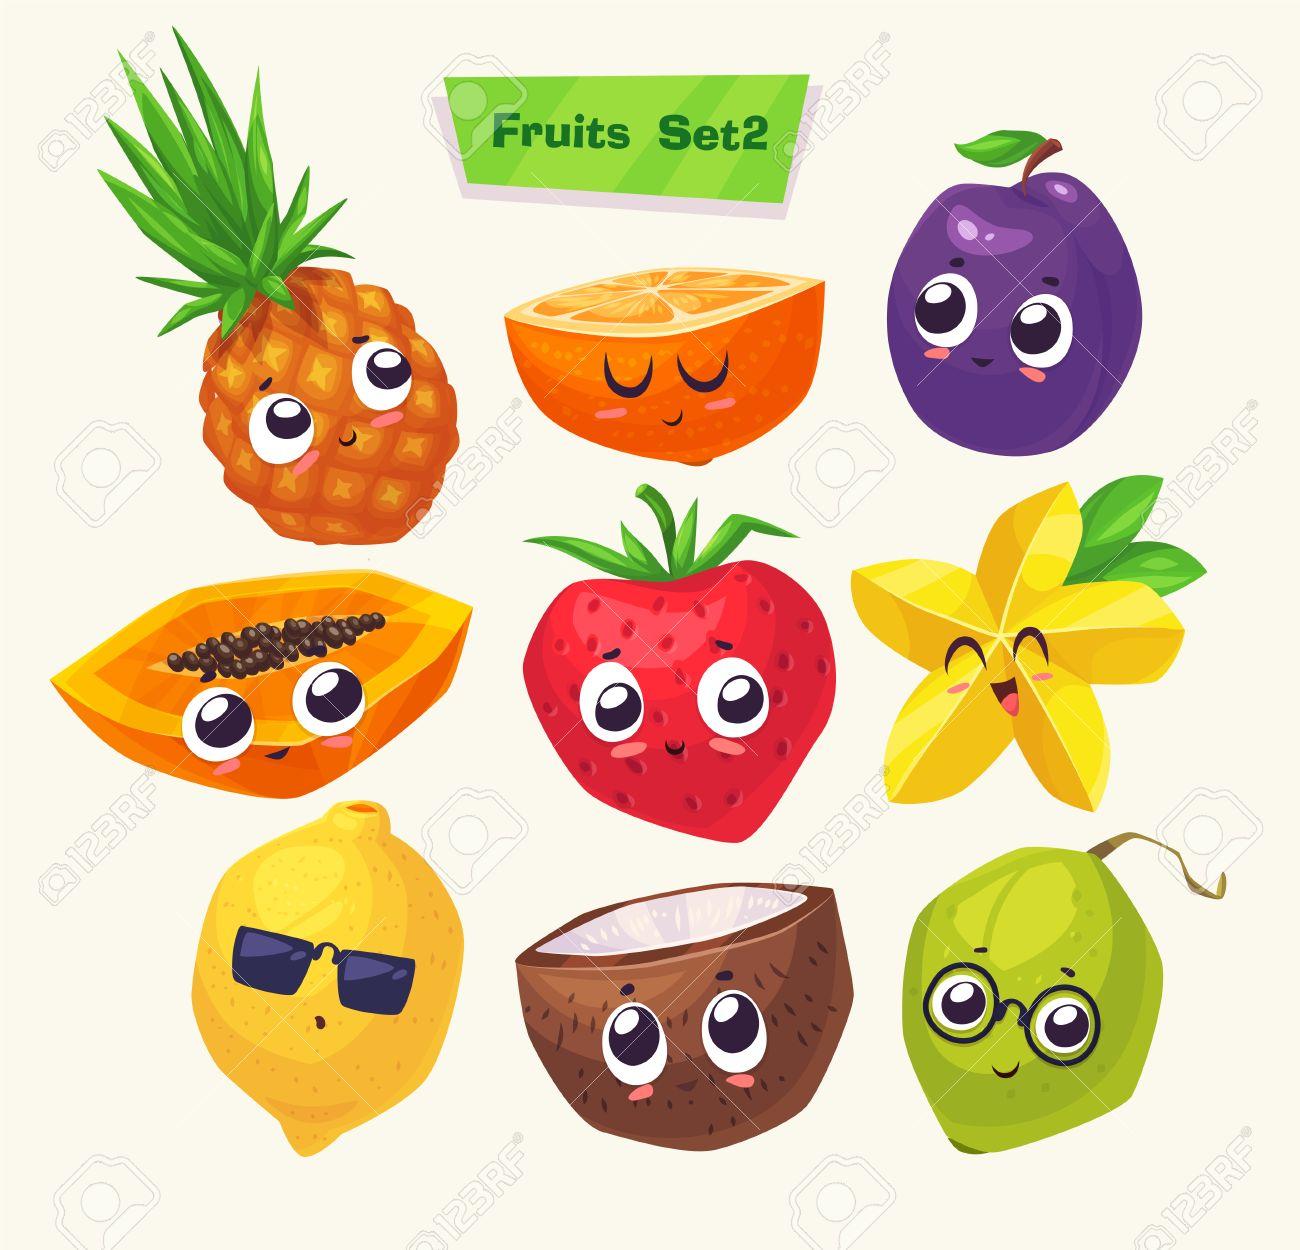 面白いかわいい果物のセットです。面白い食べ物です。漫画イラスト